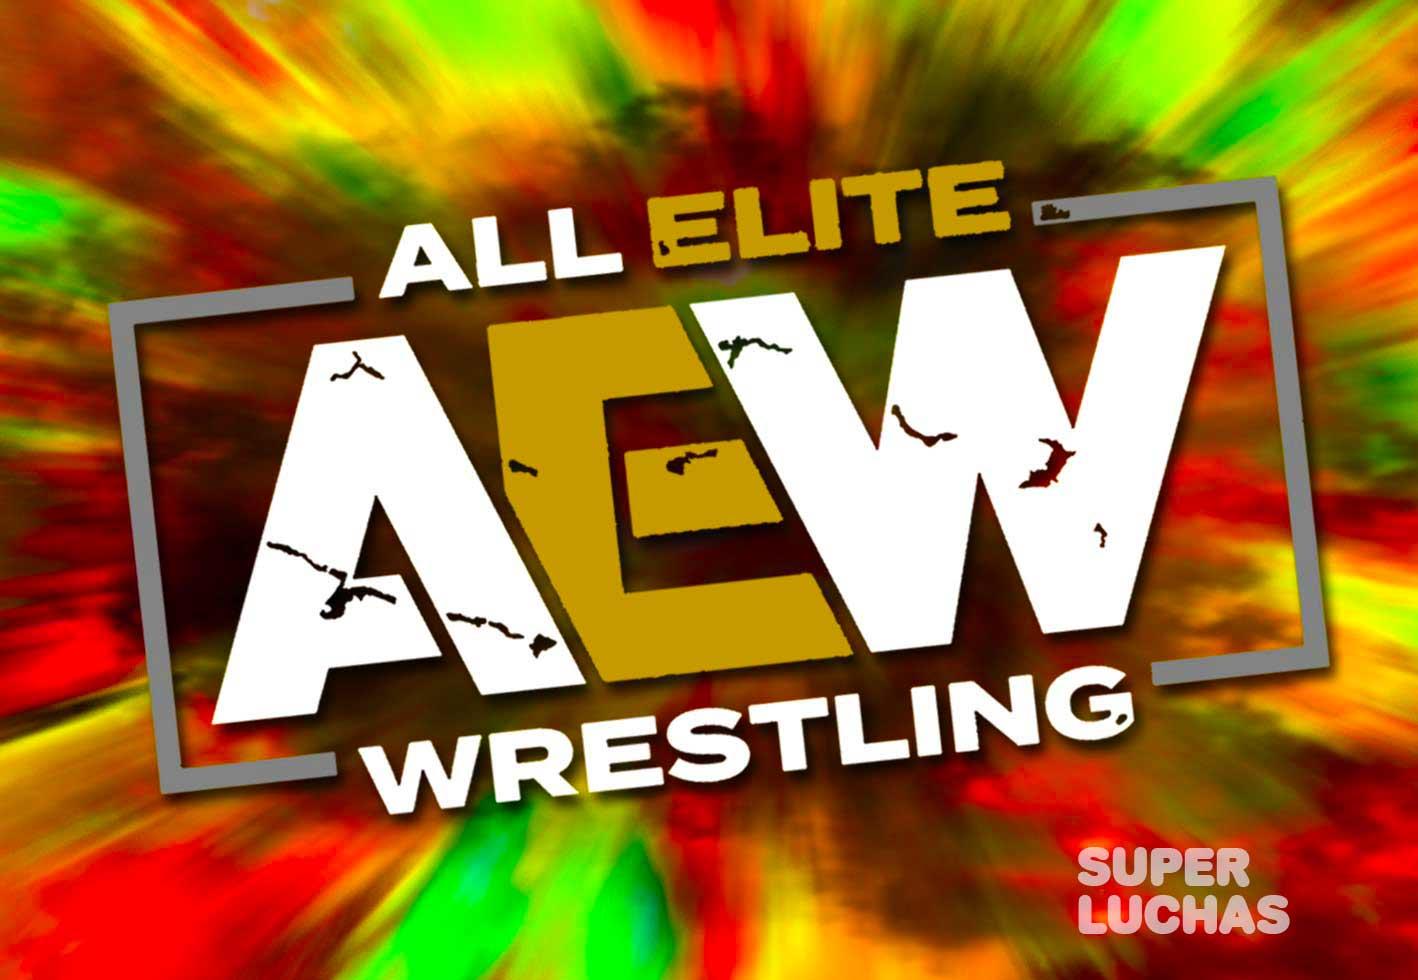 All Elite Wrestling